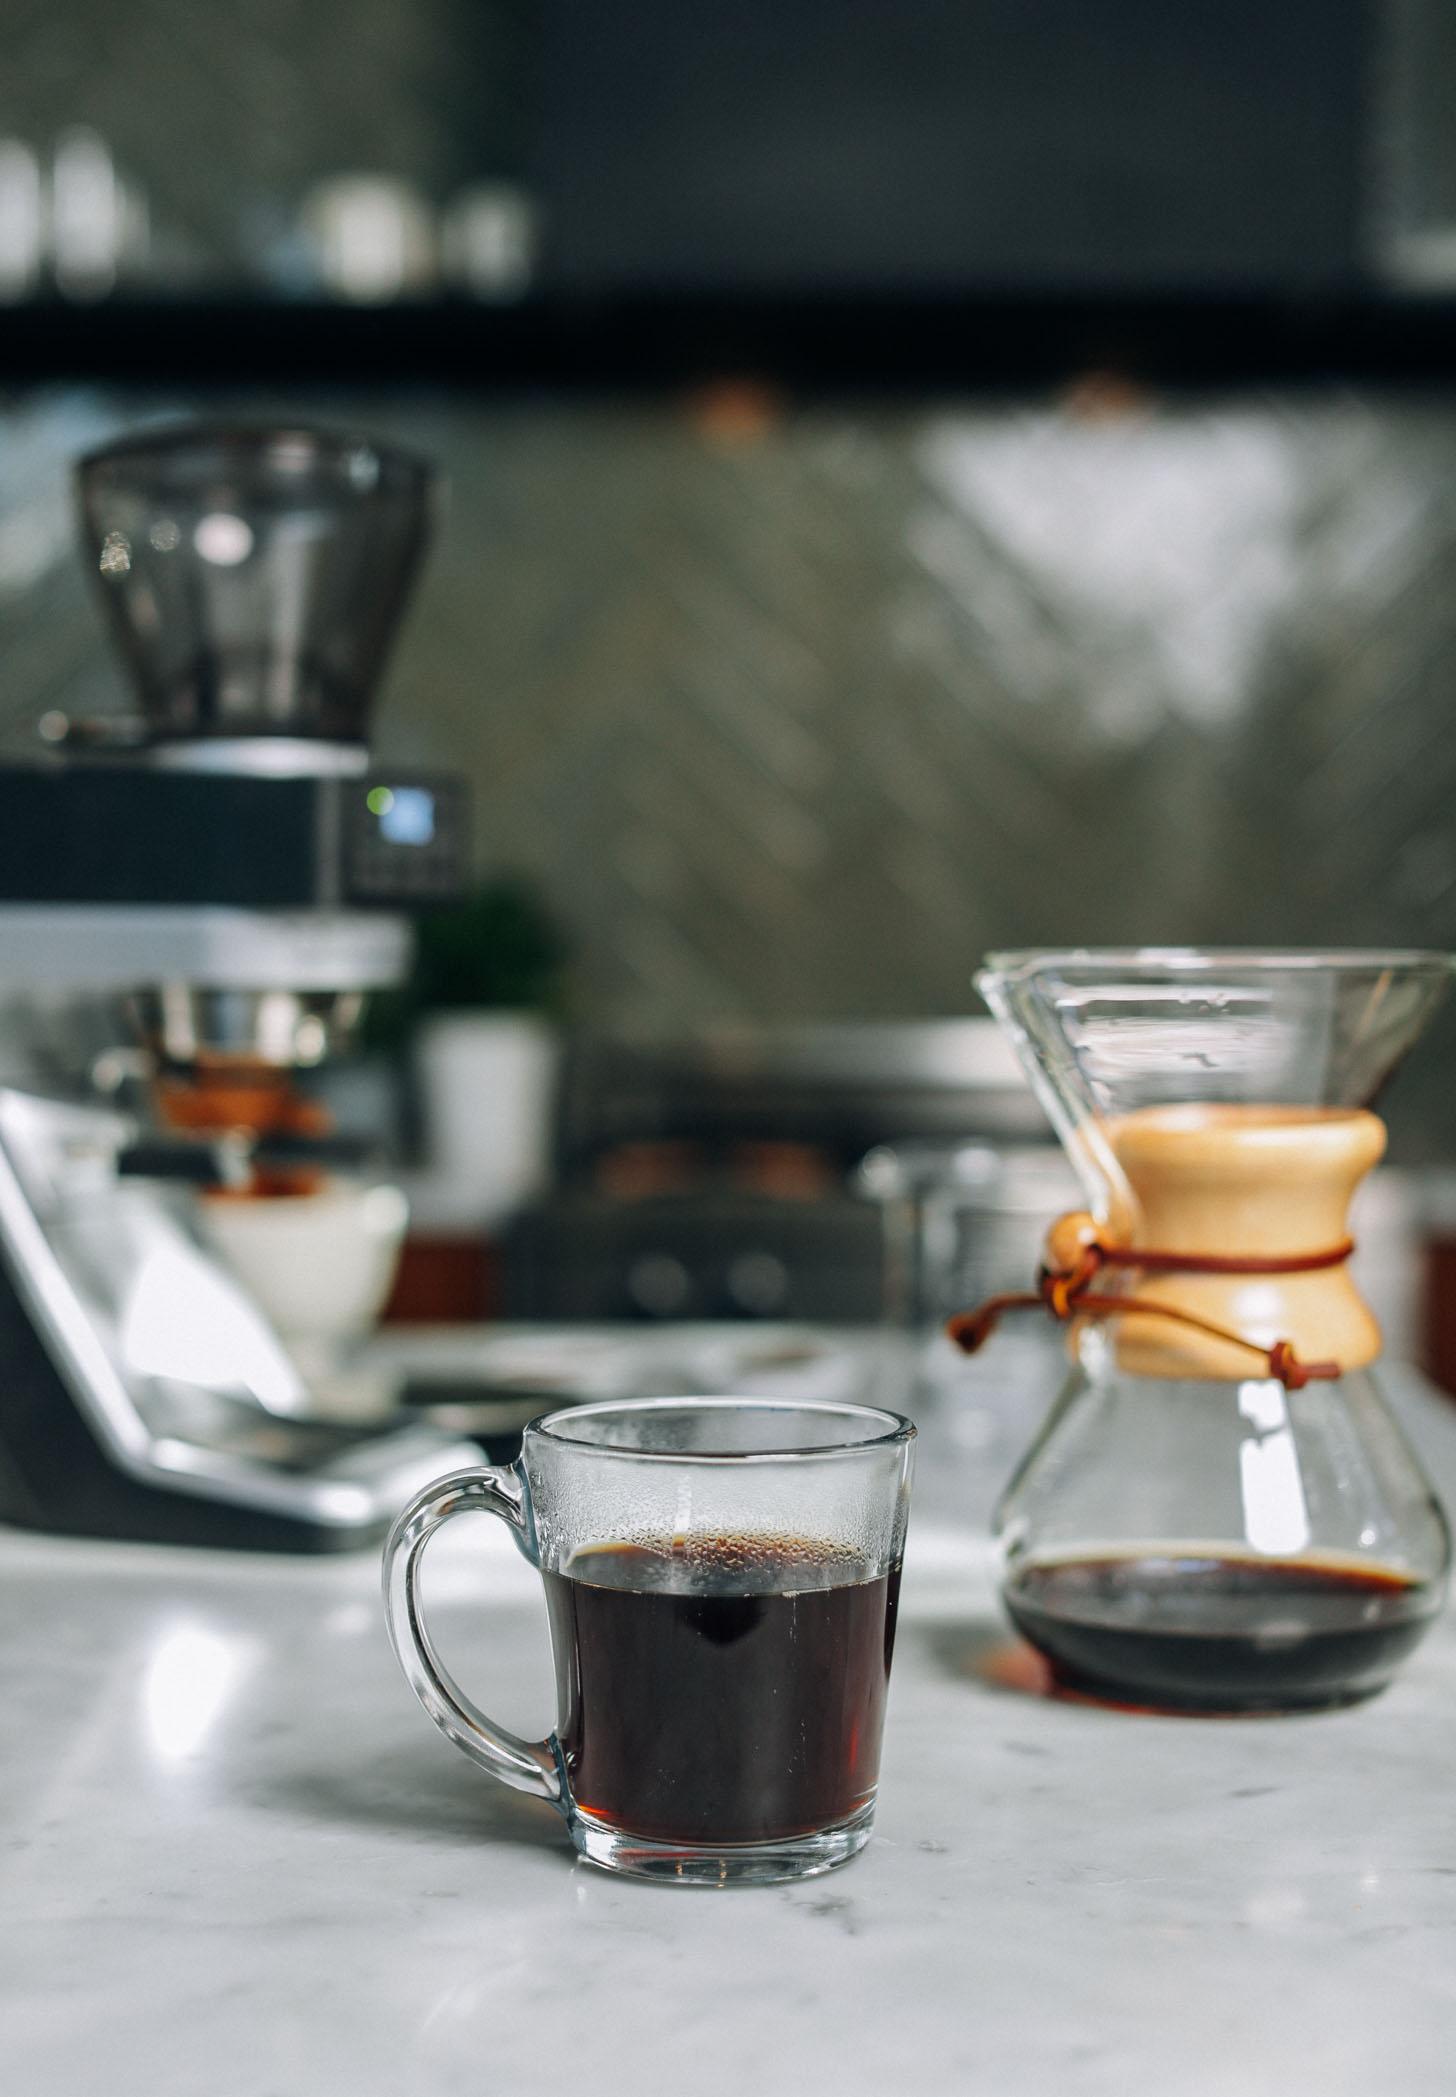 Coffee grinder, mug of coffee, and drip coffee maker